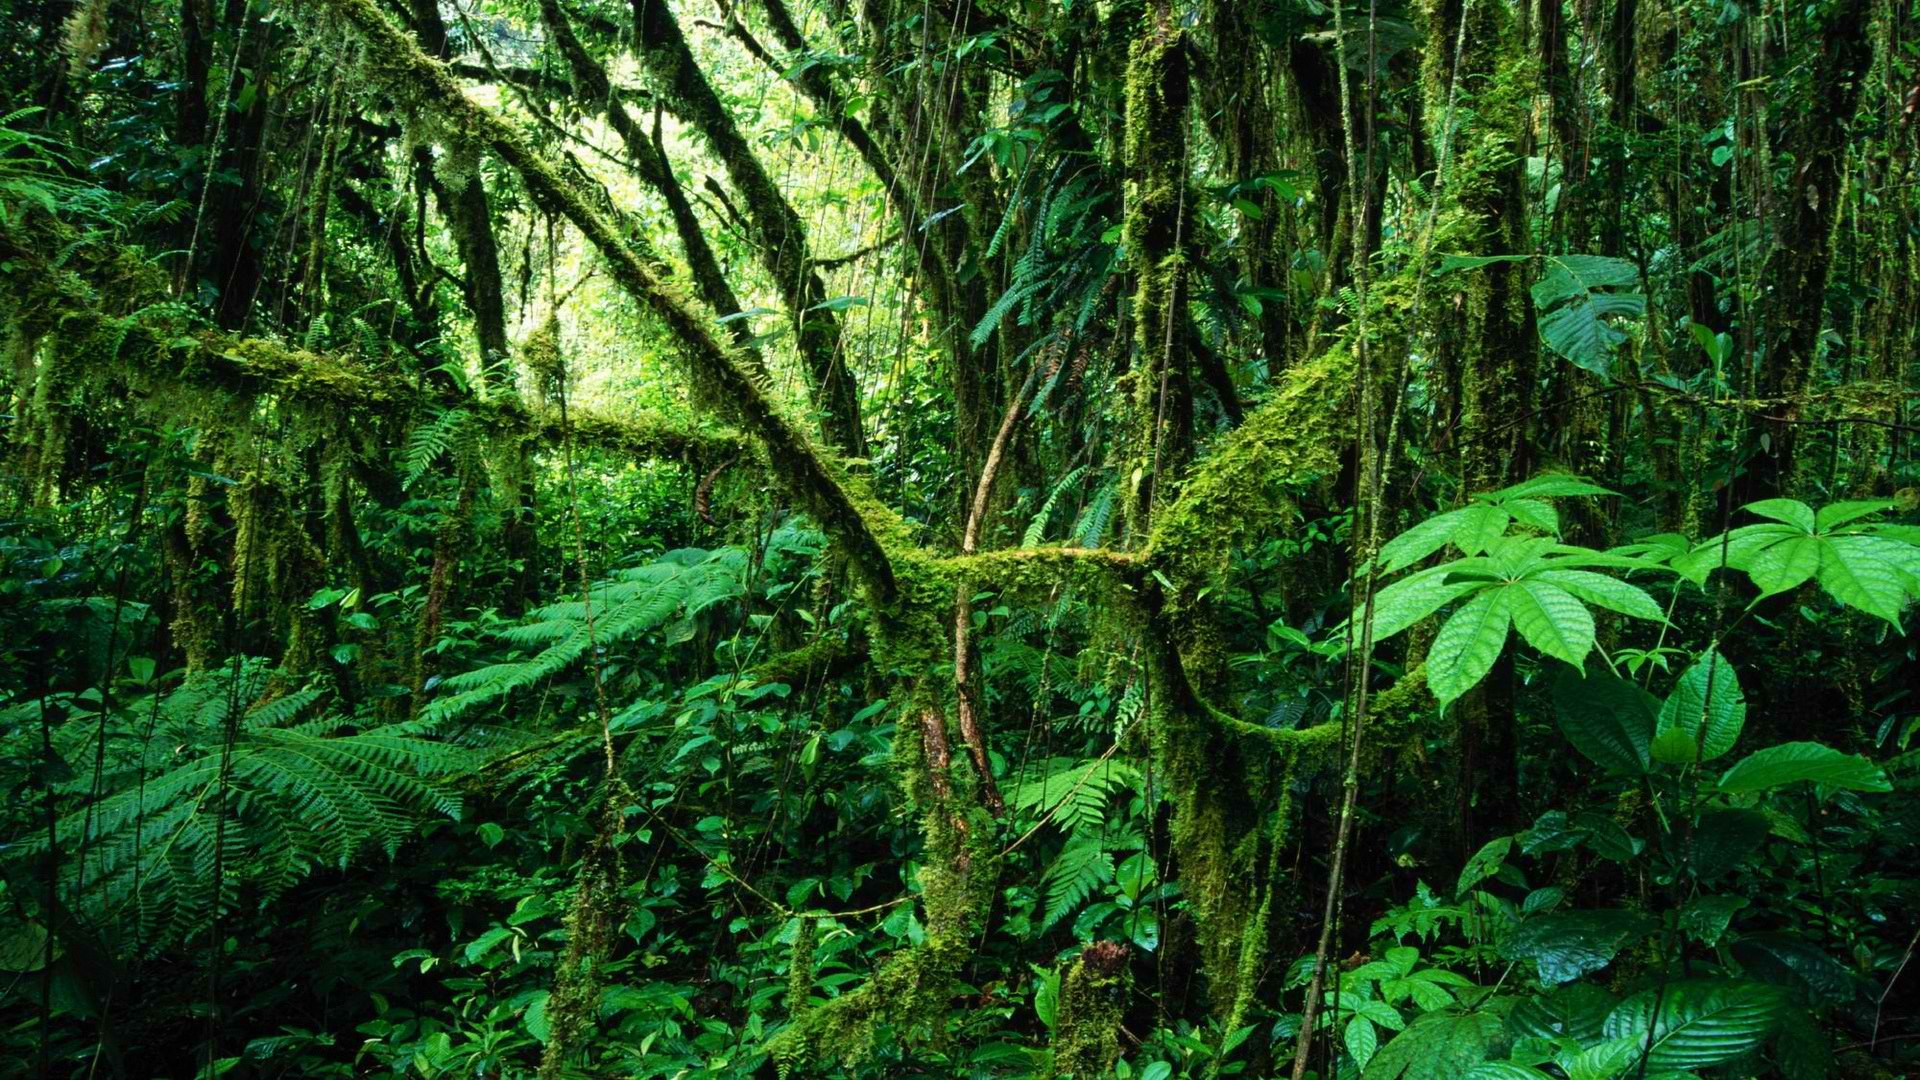 Messages >> Costa Rica rainforest wallpaper | 1920x1080 | 219891 | WallpaperUP